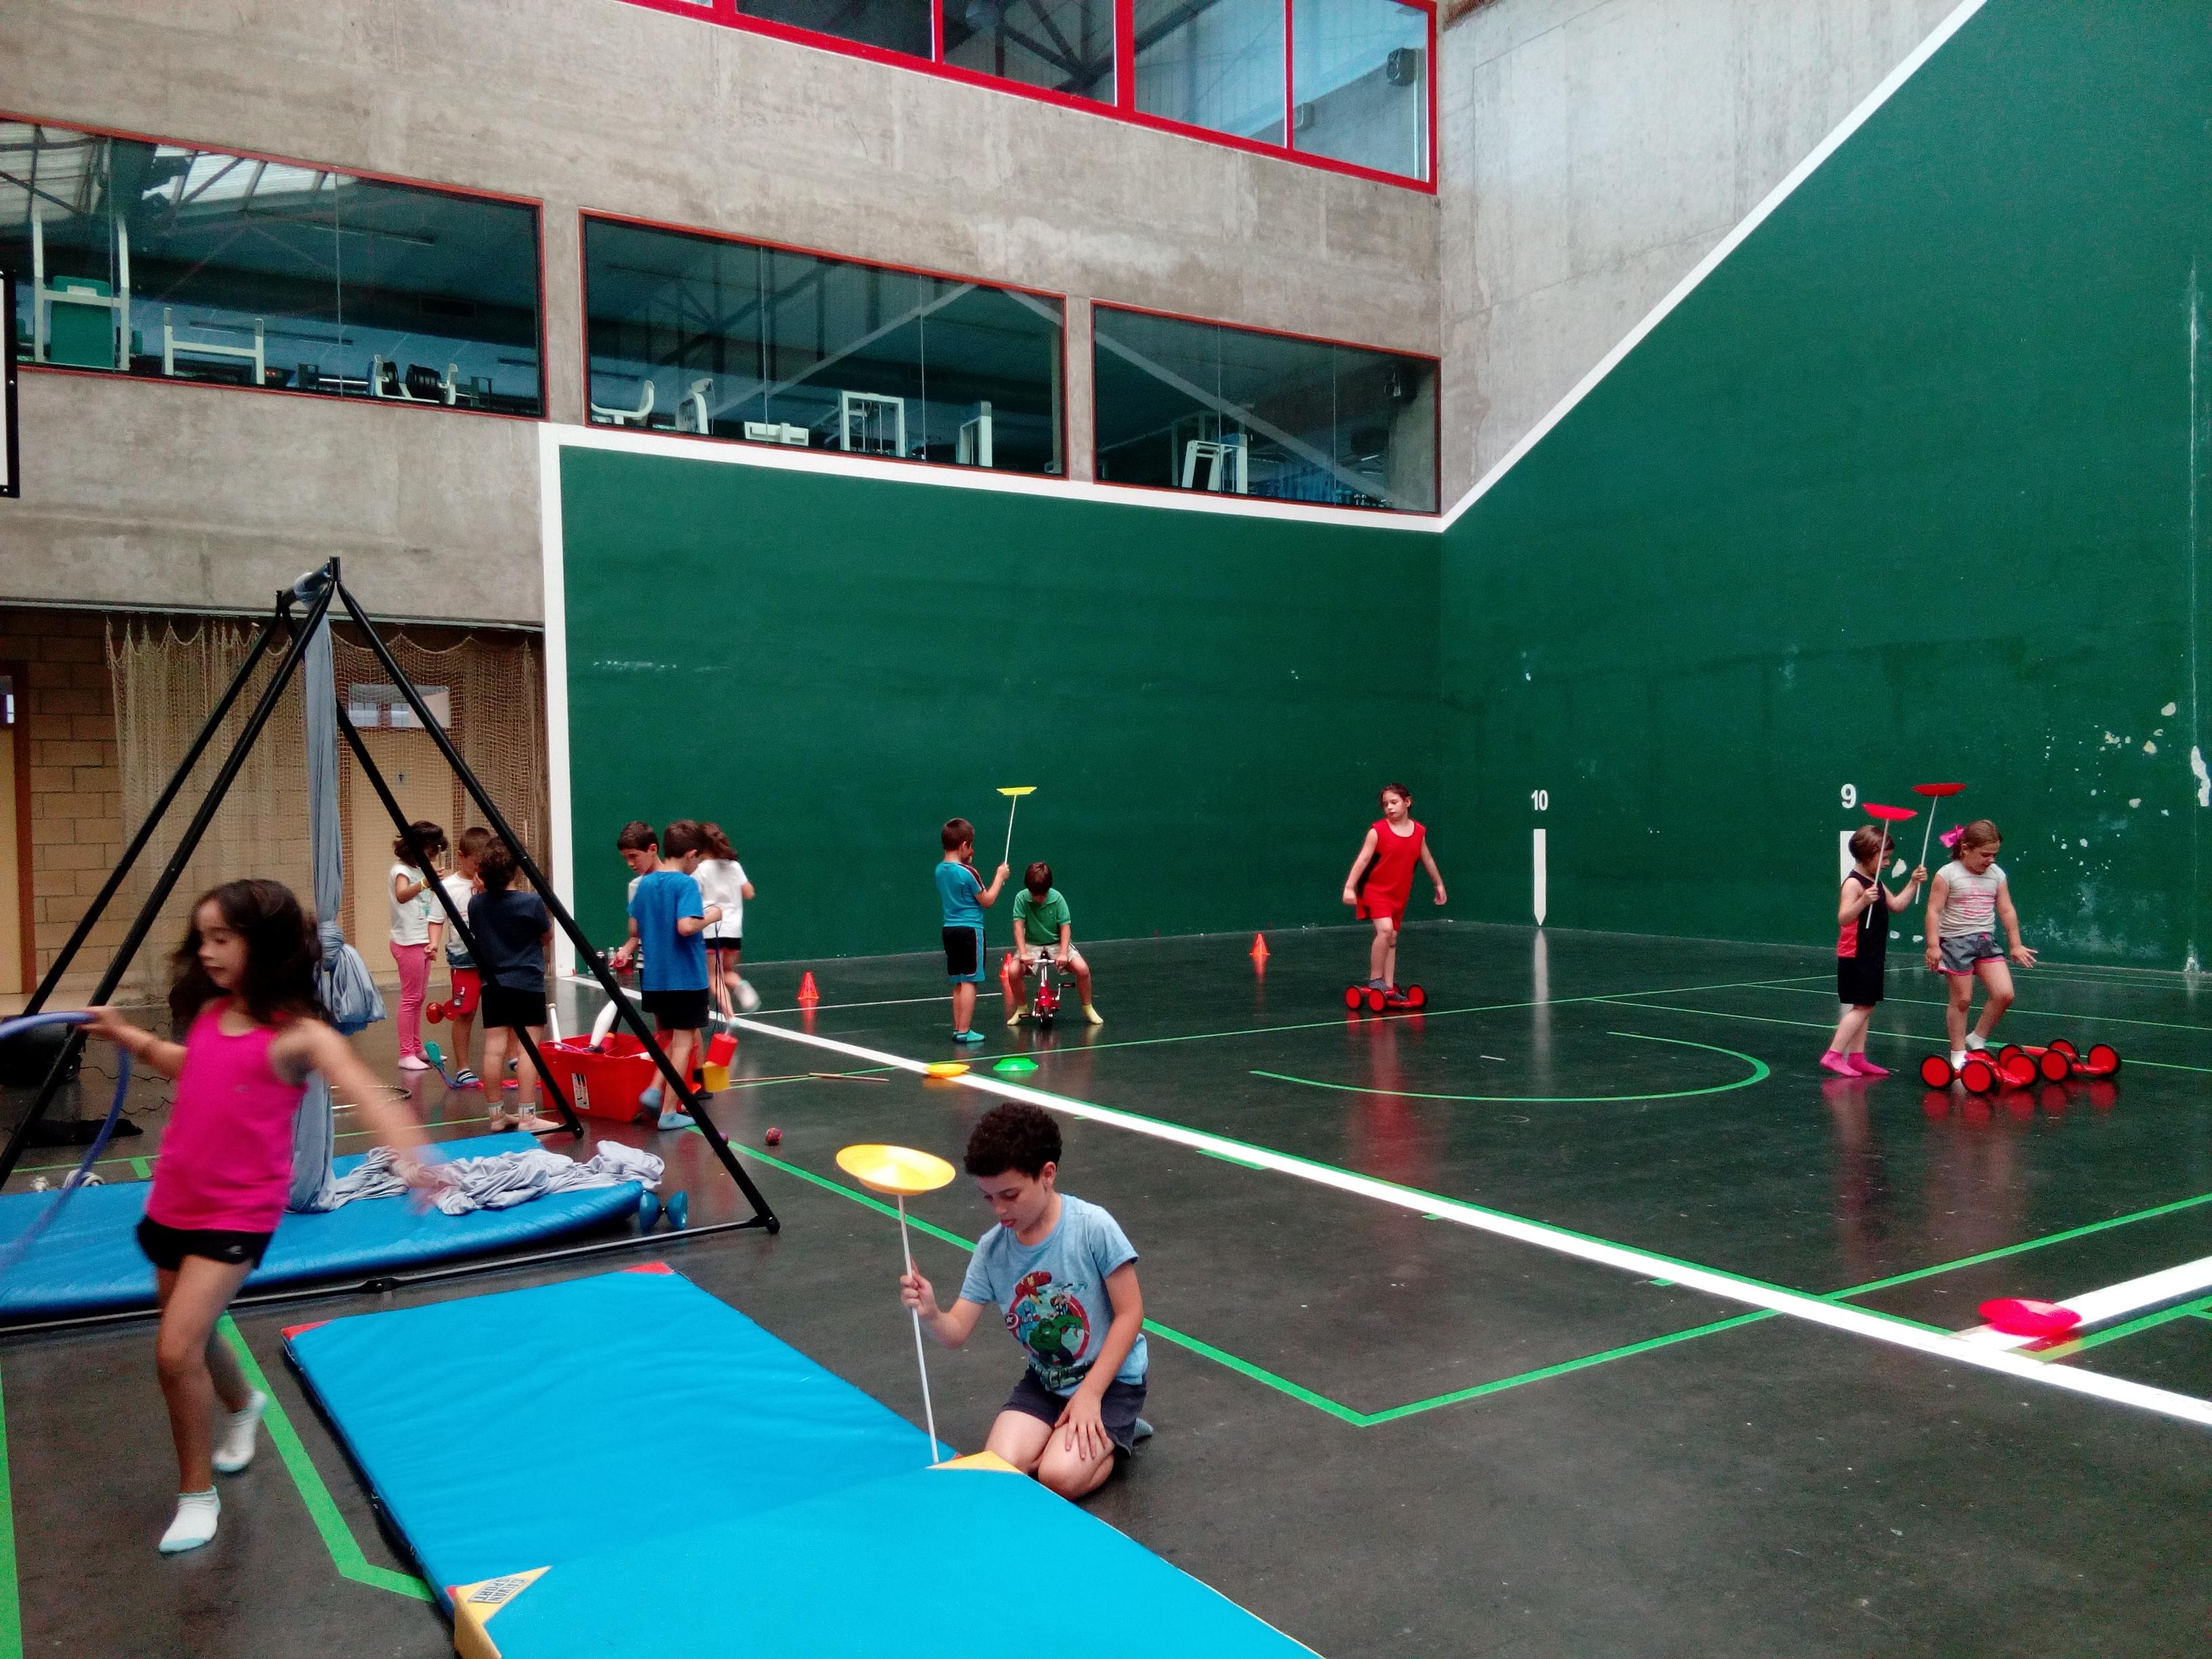 Taller de circo en Campus de Basket Gorondagane